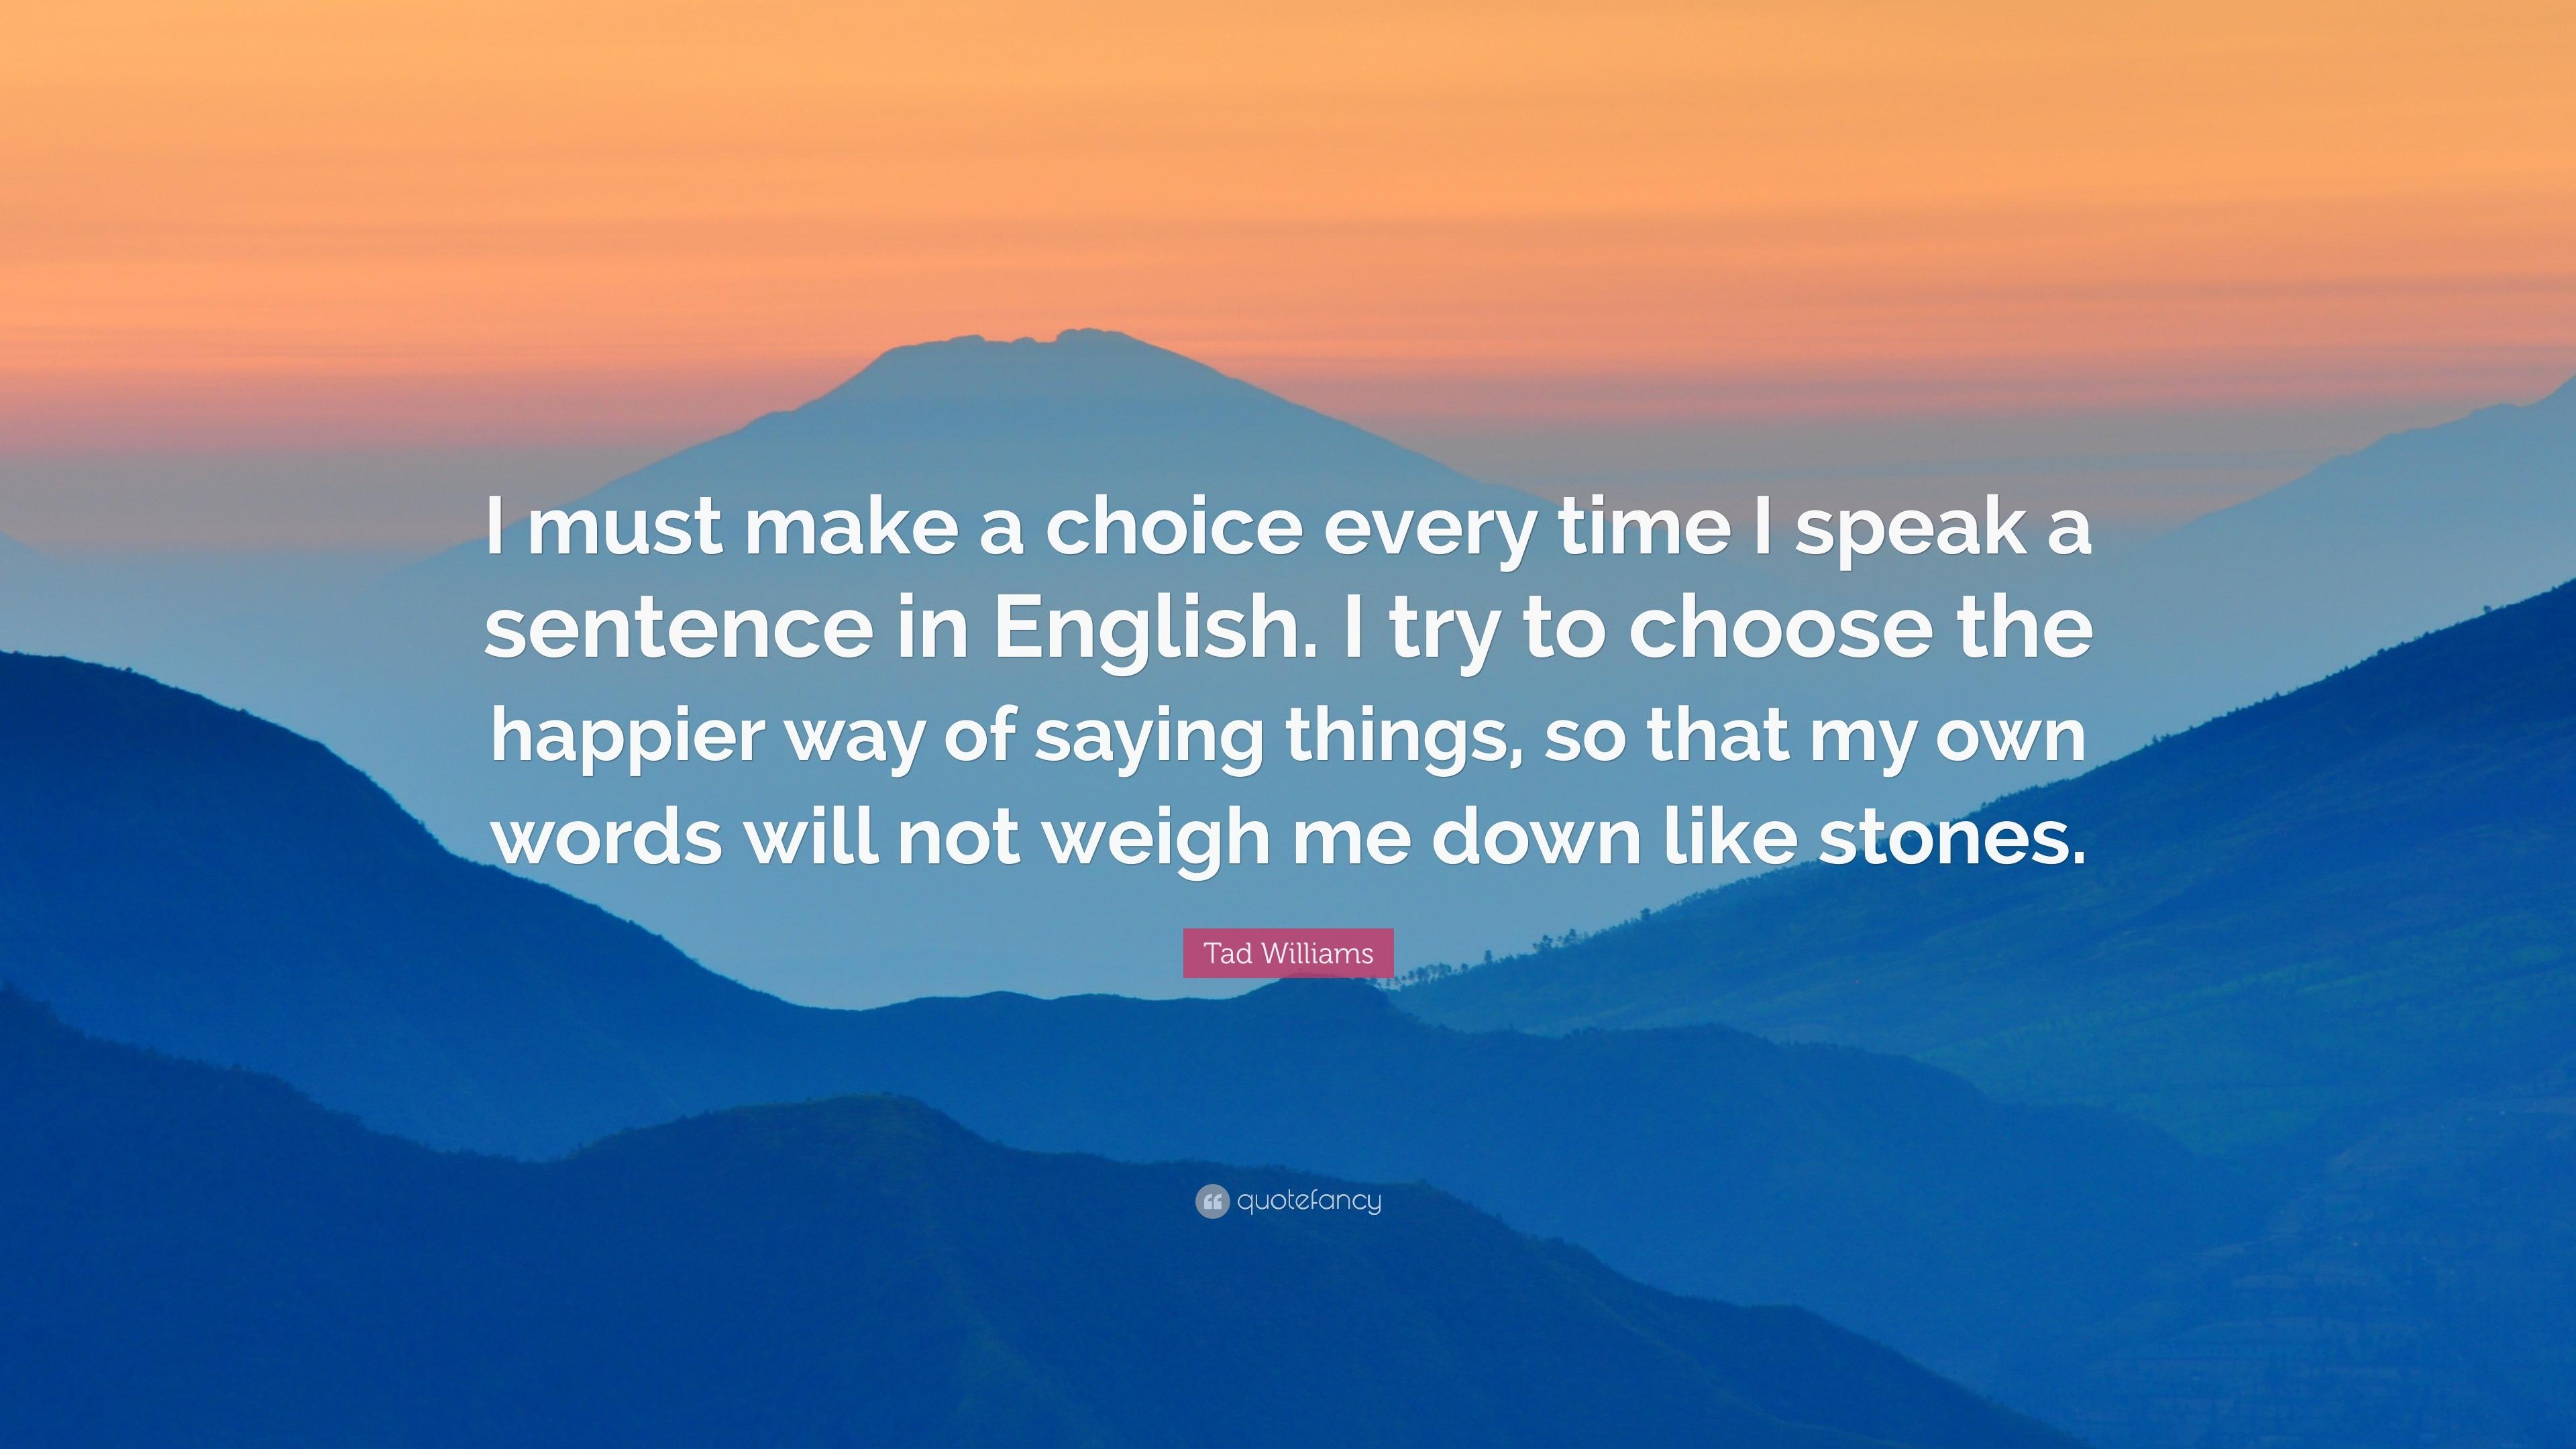 I must make a choice every time I speak